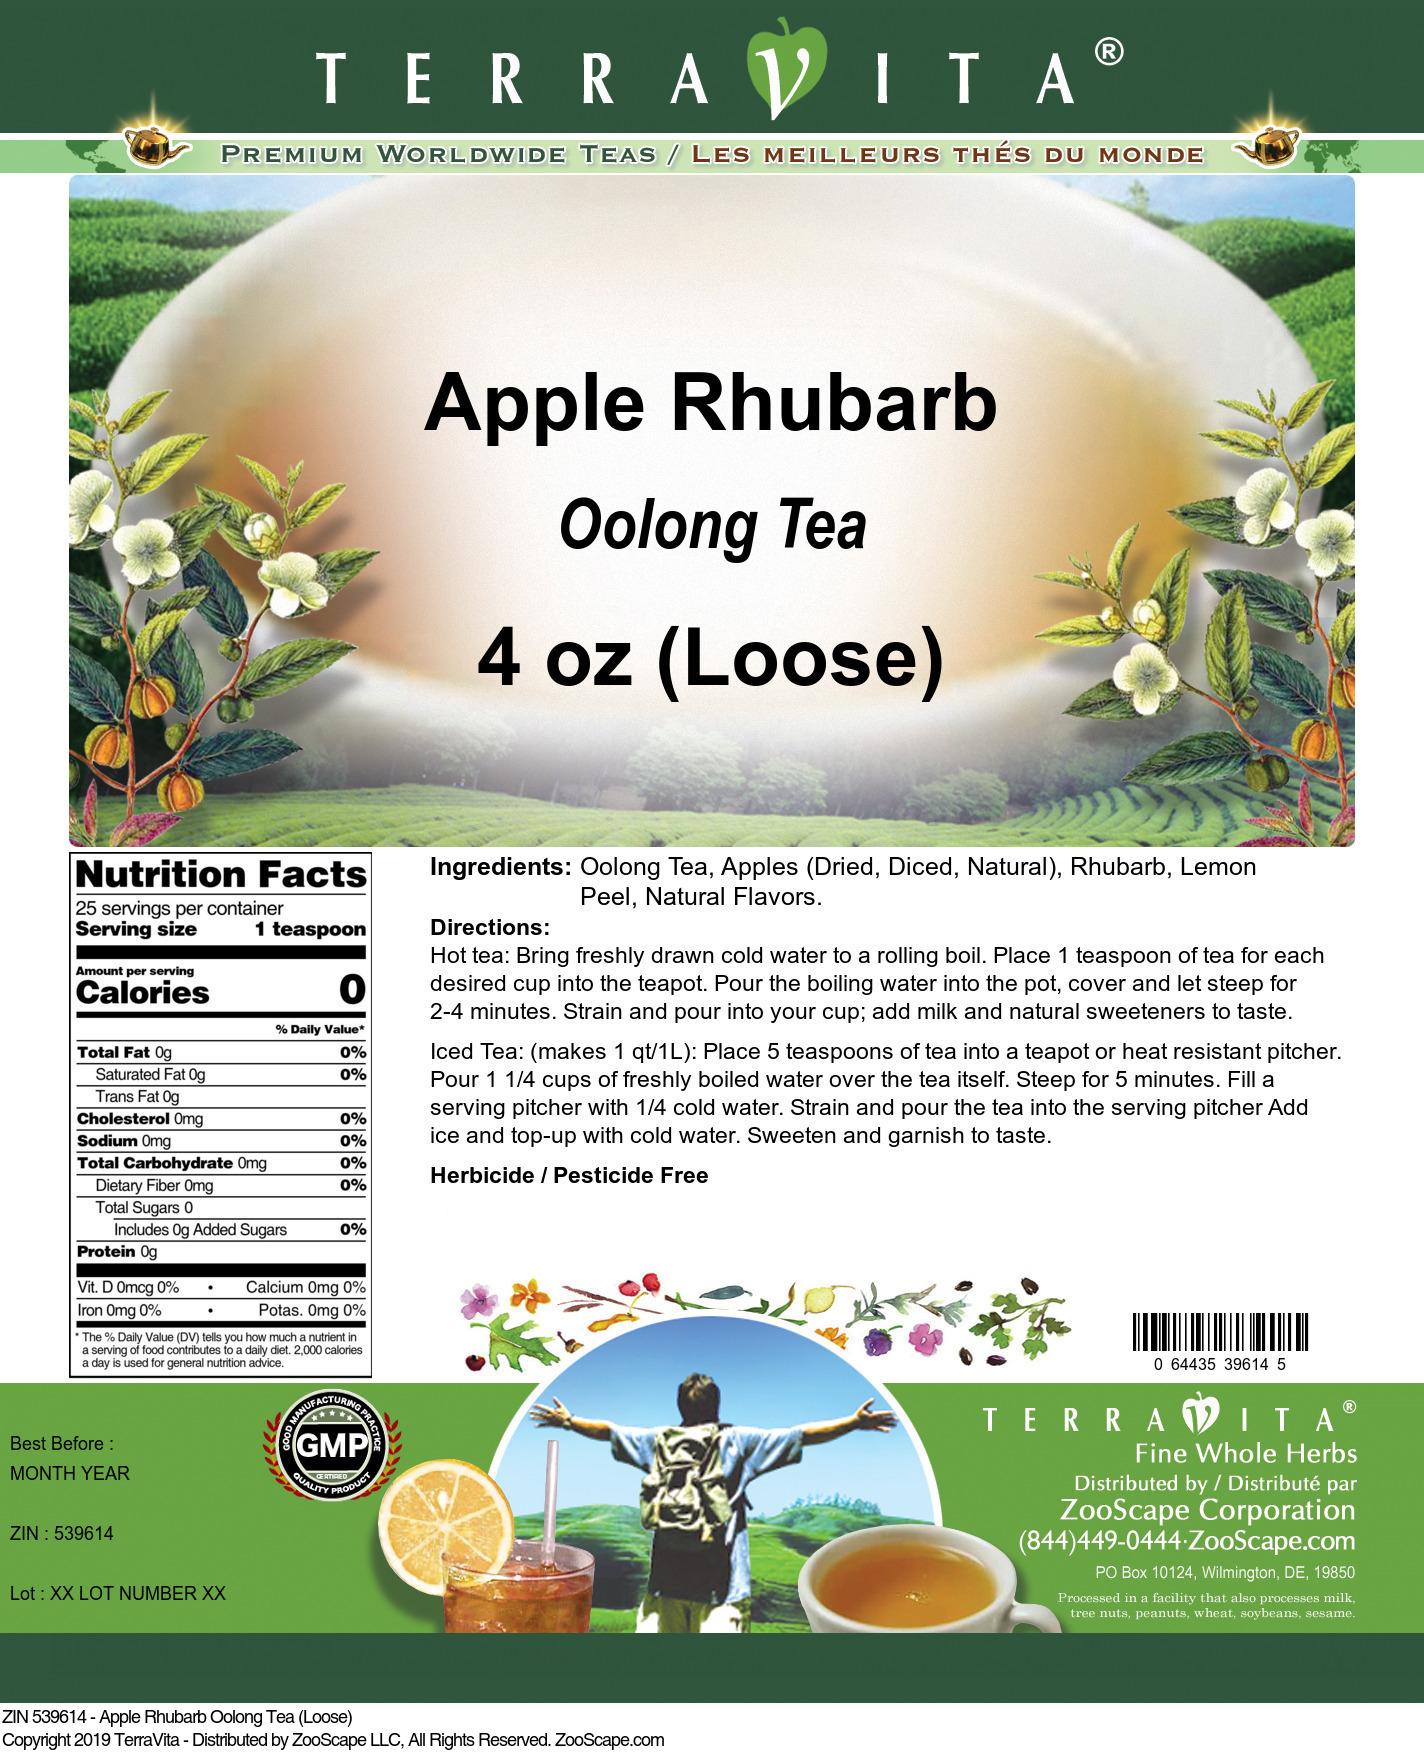 Apple Rhubarb Oolong Tea